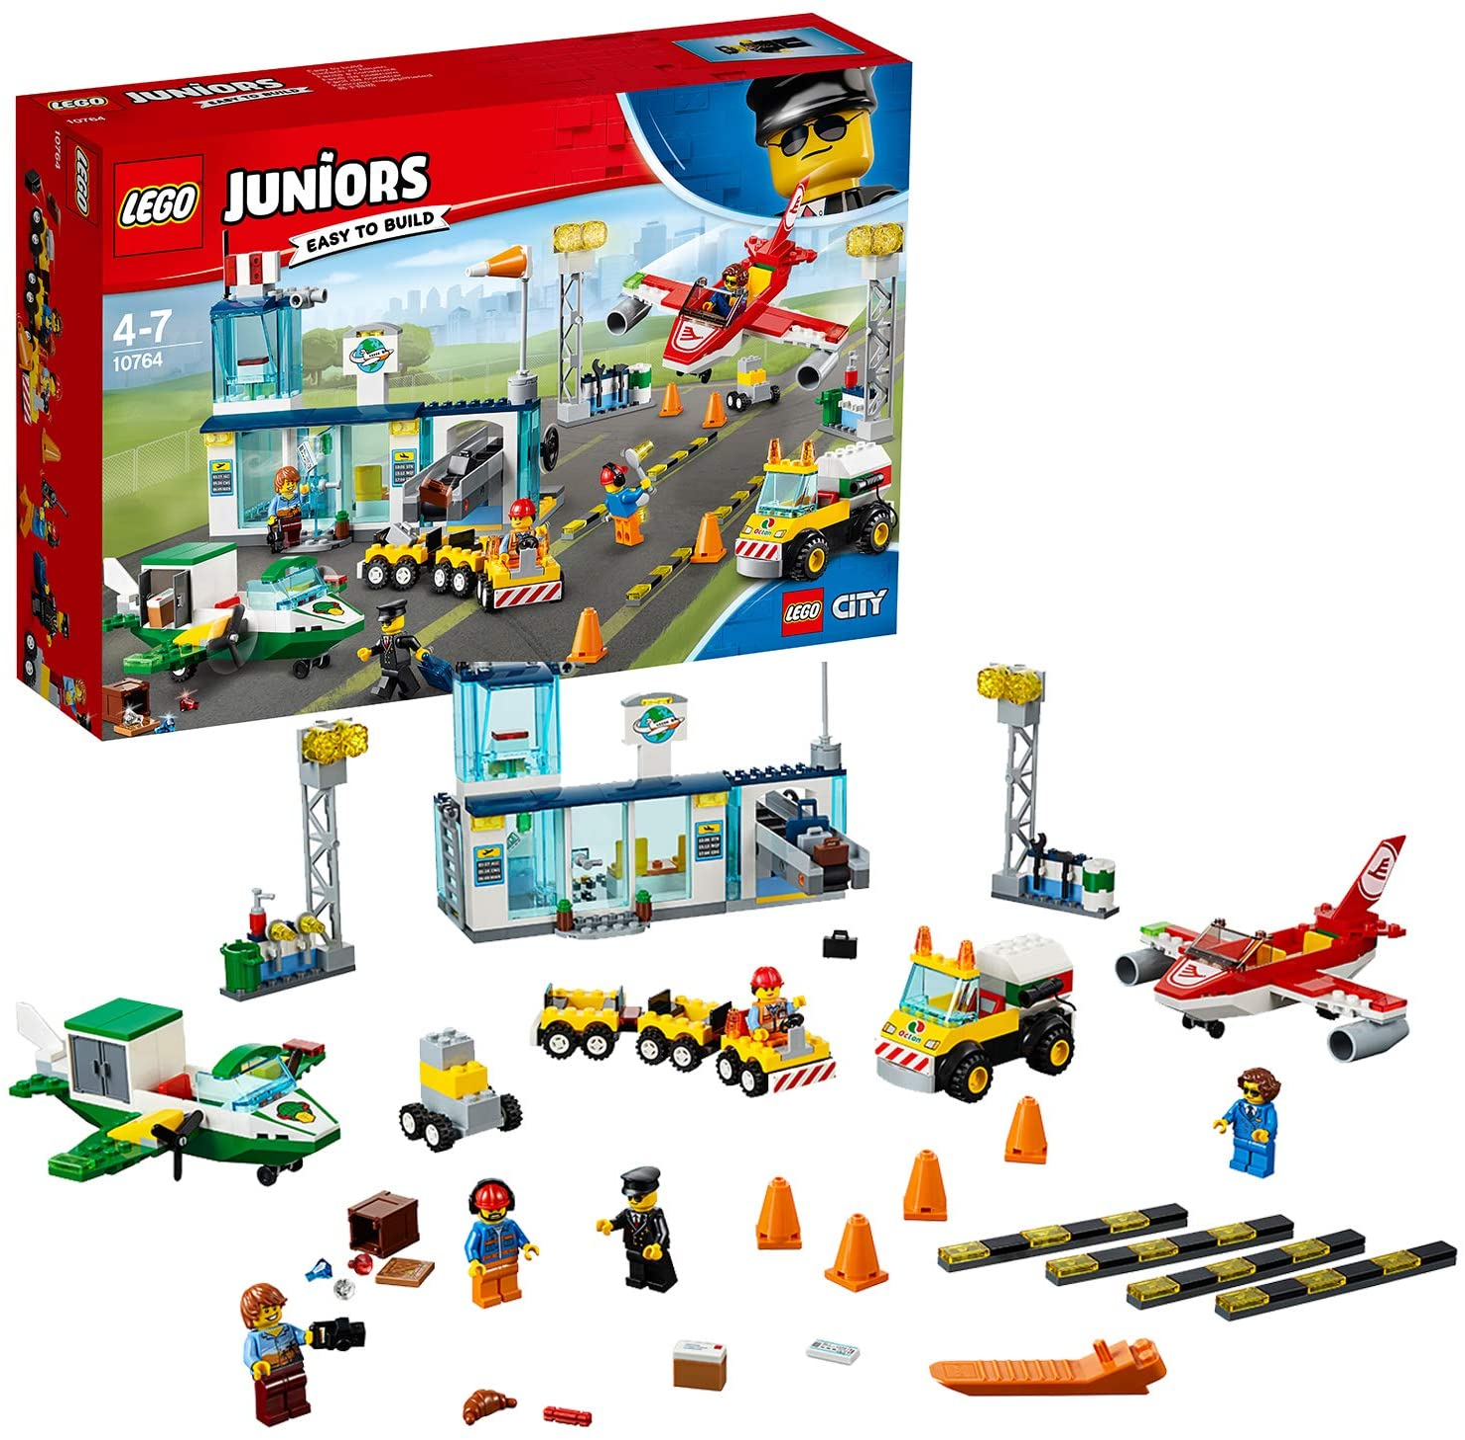 LEGO Juniors Set